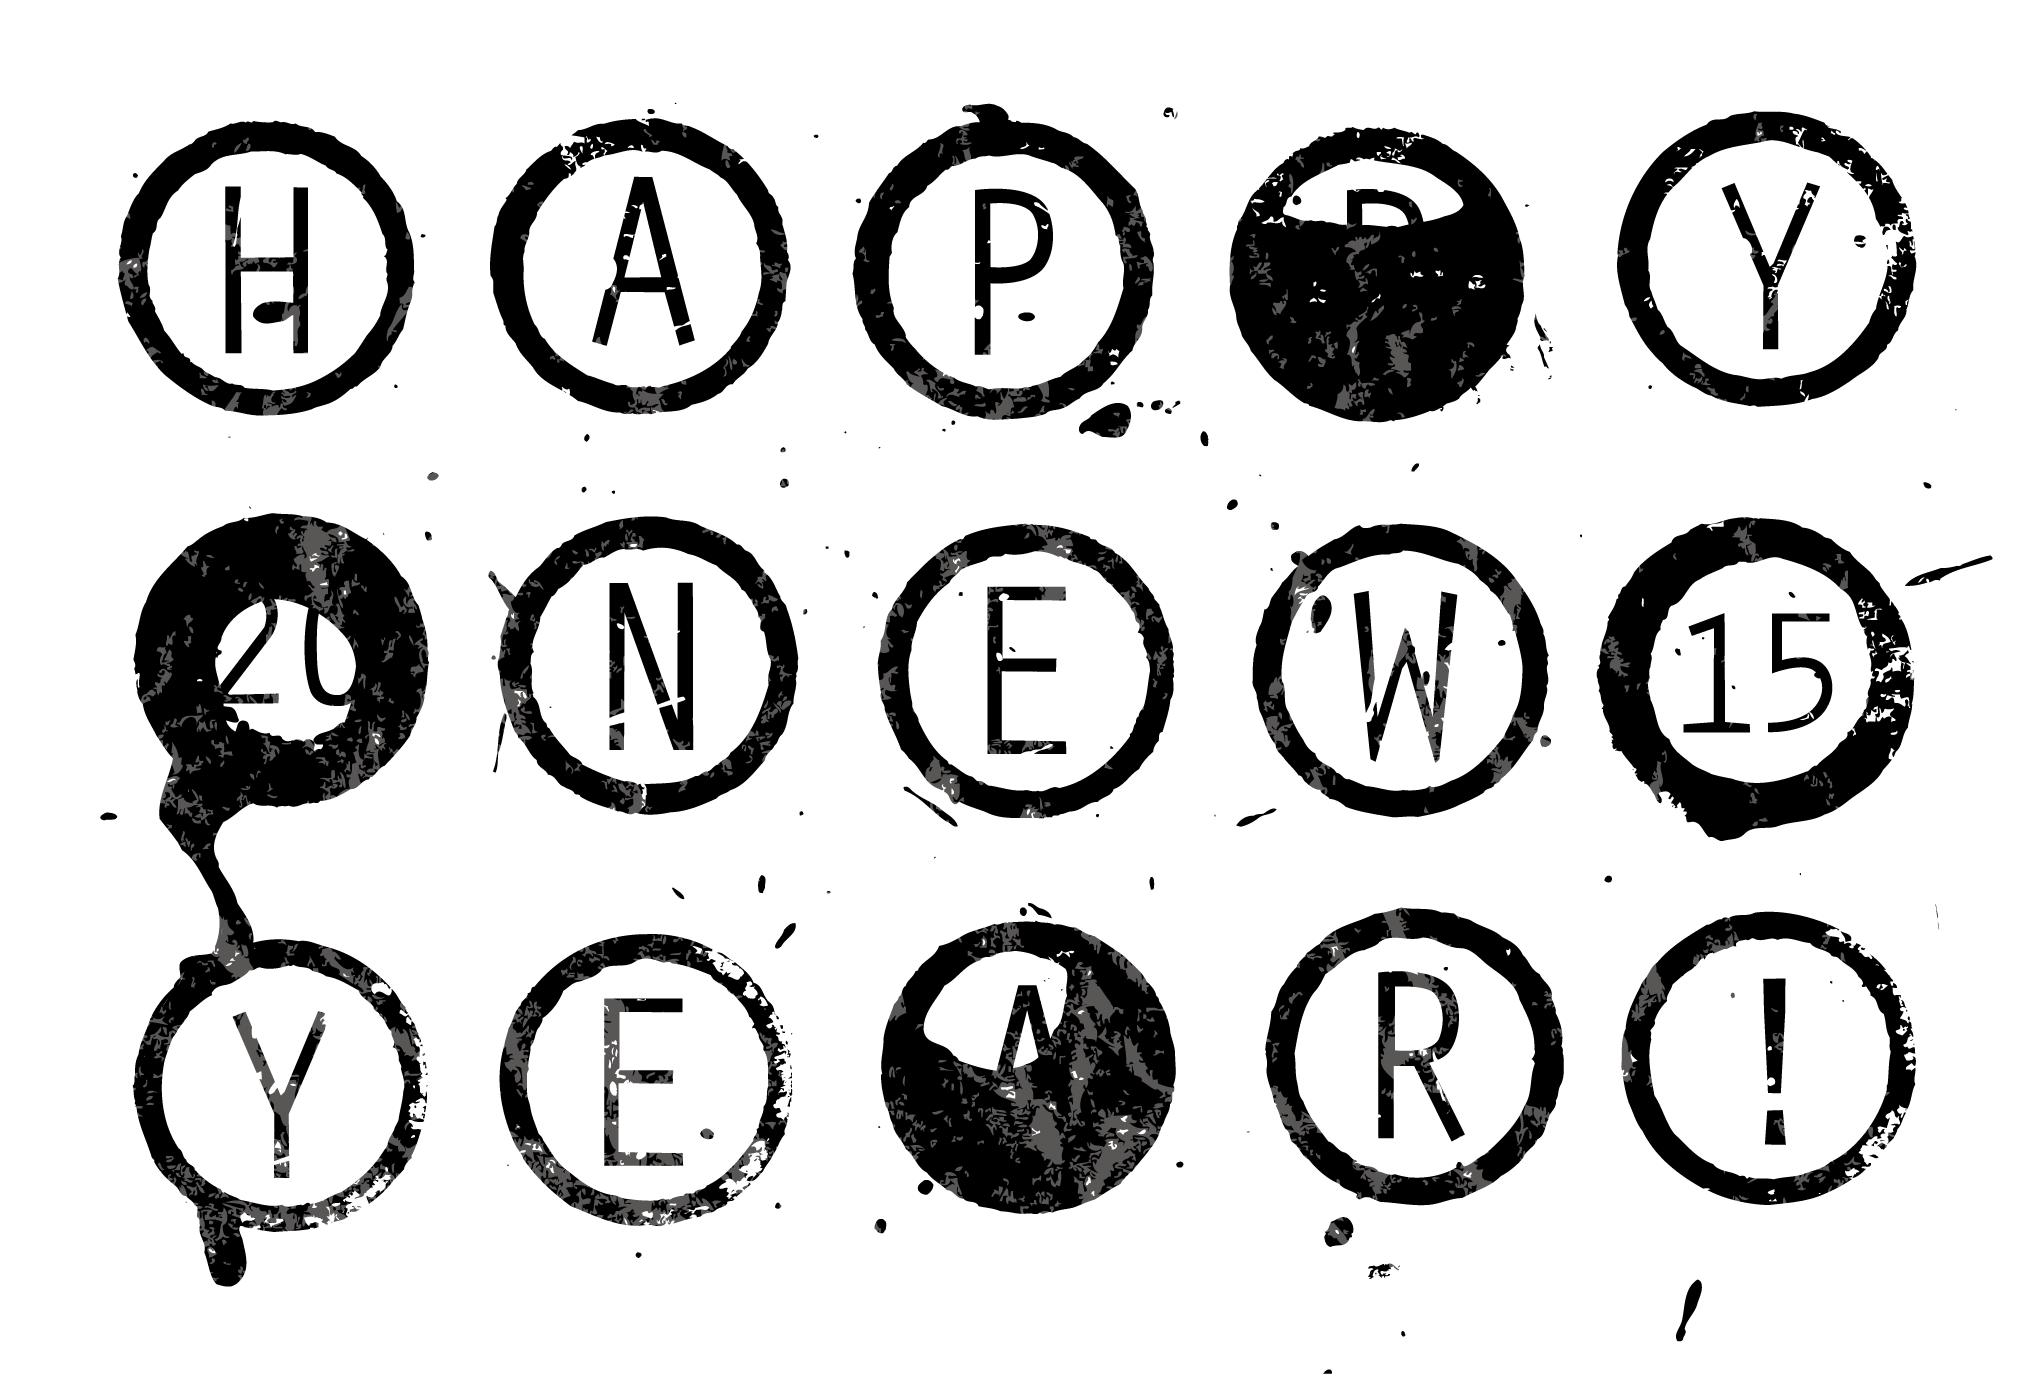 2015年賀状03-1:Circle 2015 / 1のダウンロード画像